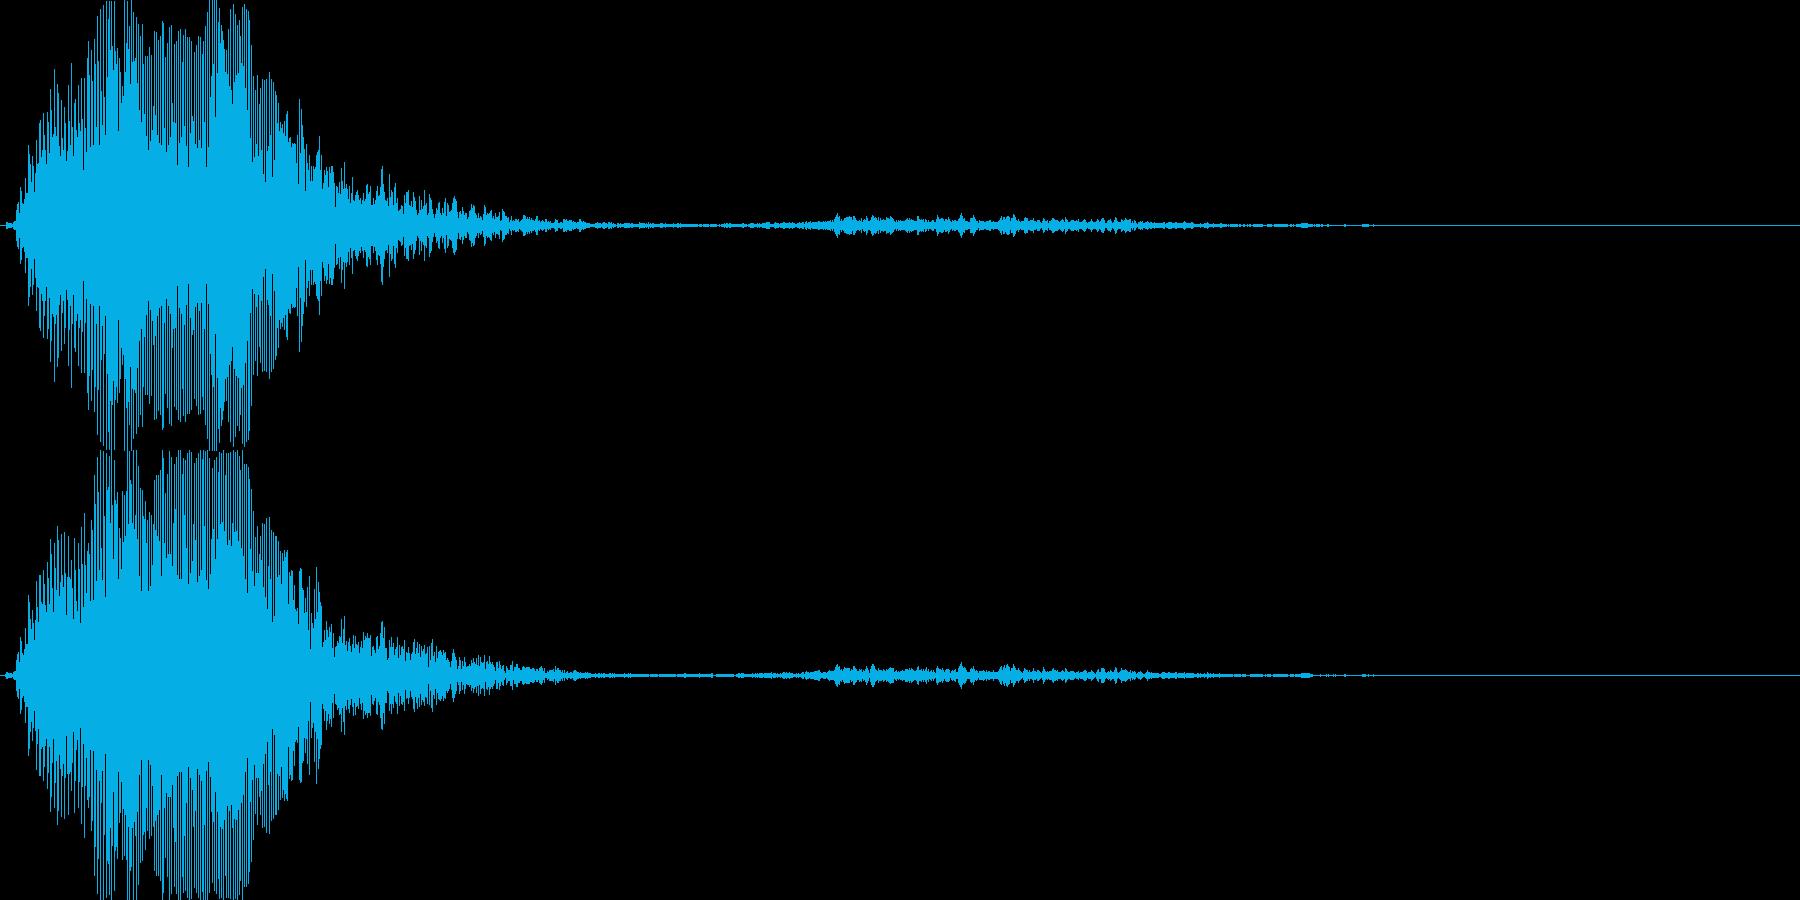 バラエティー向けの女性ボイス 2の再生済みの波形